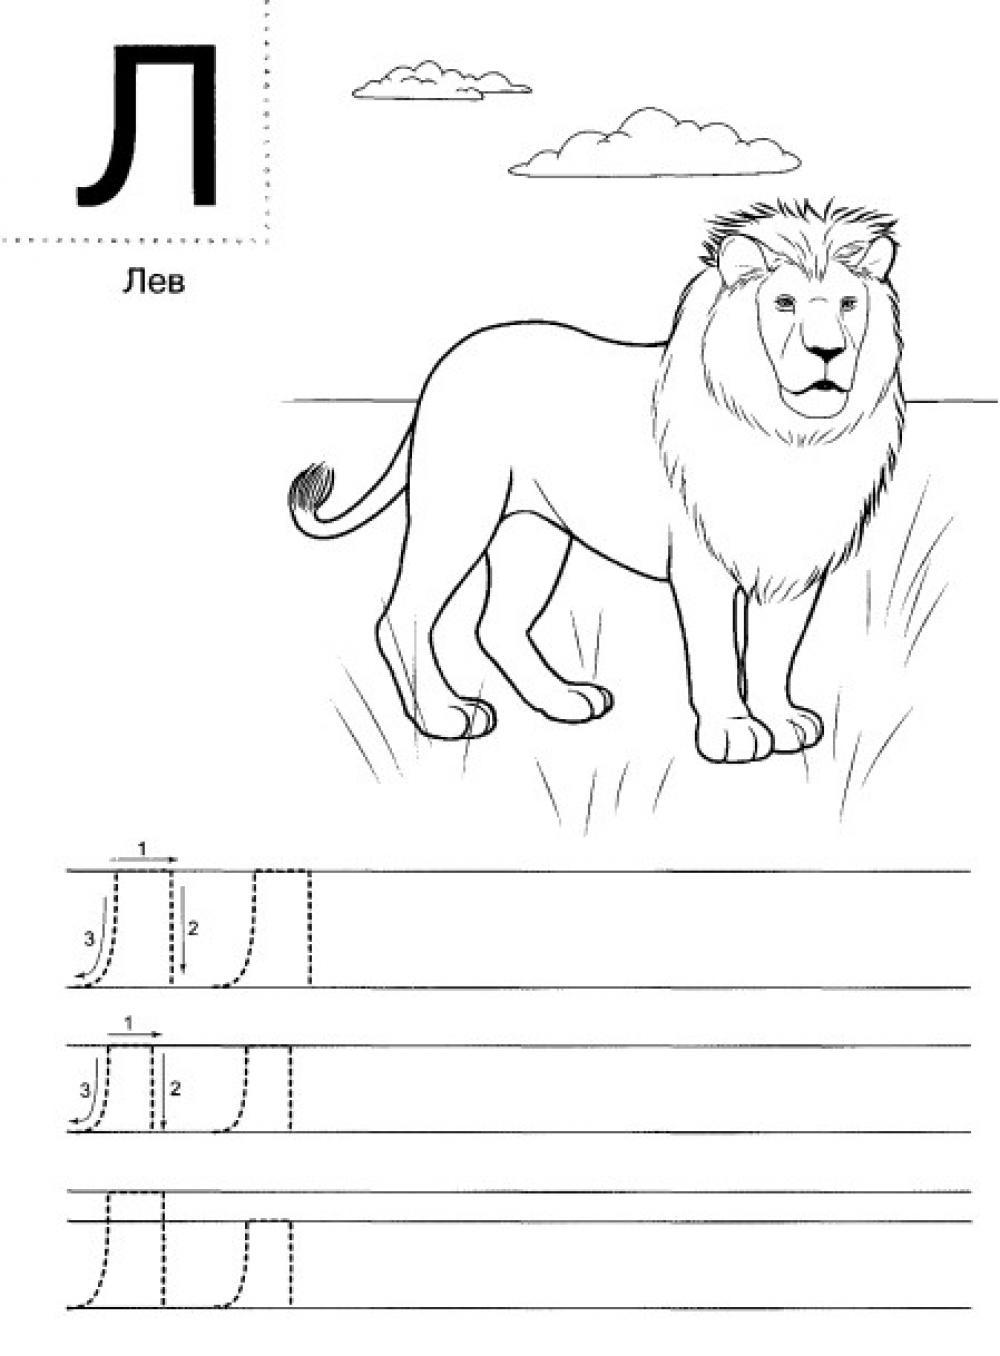 Пропись заглавной буквы л печатной, с раскраской лев